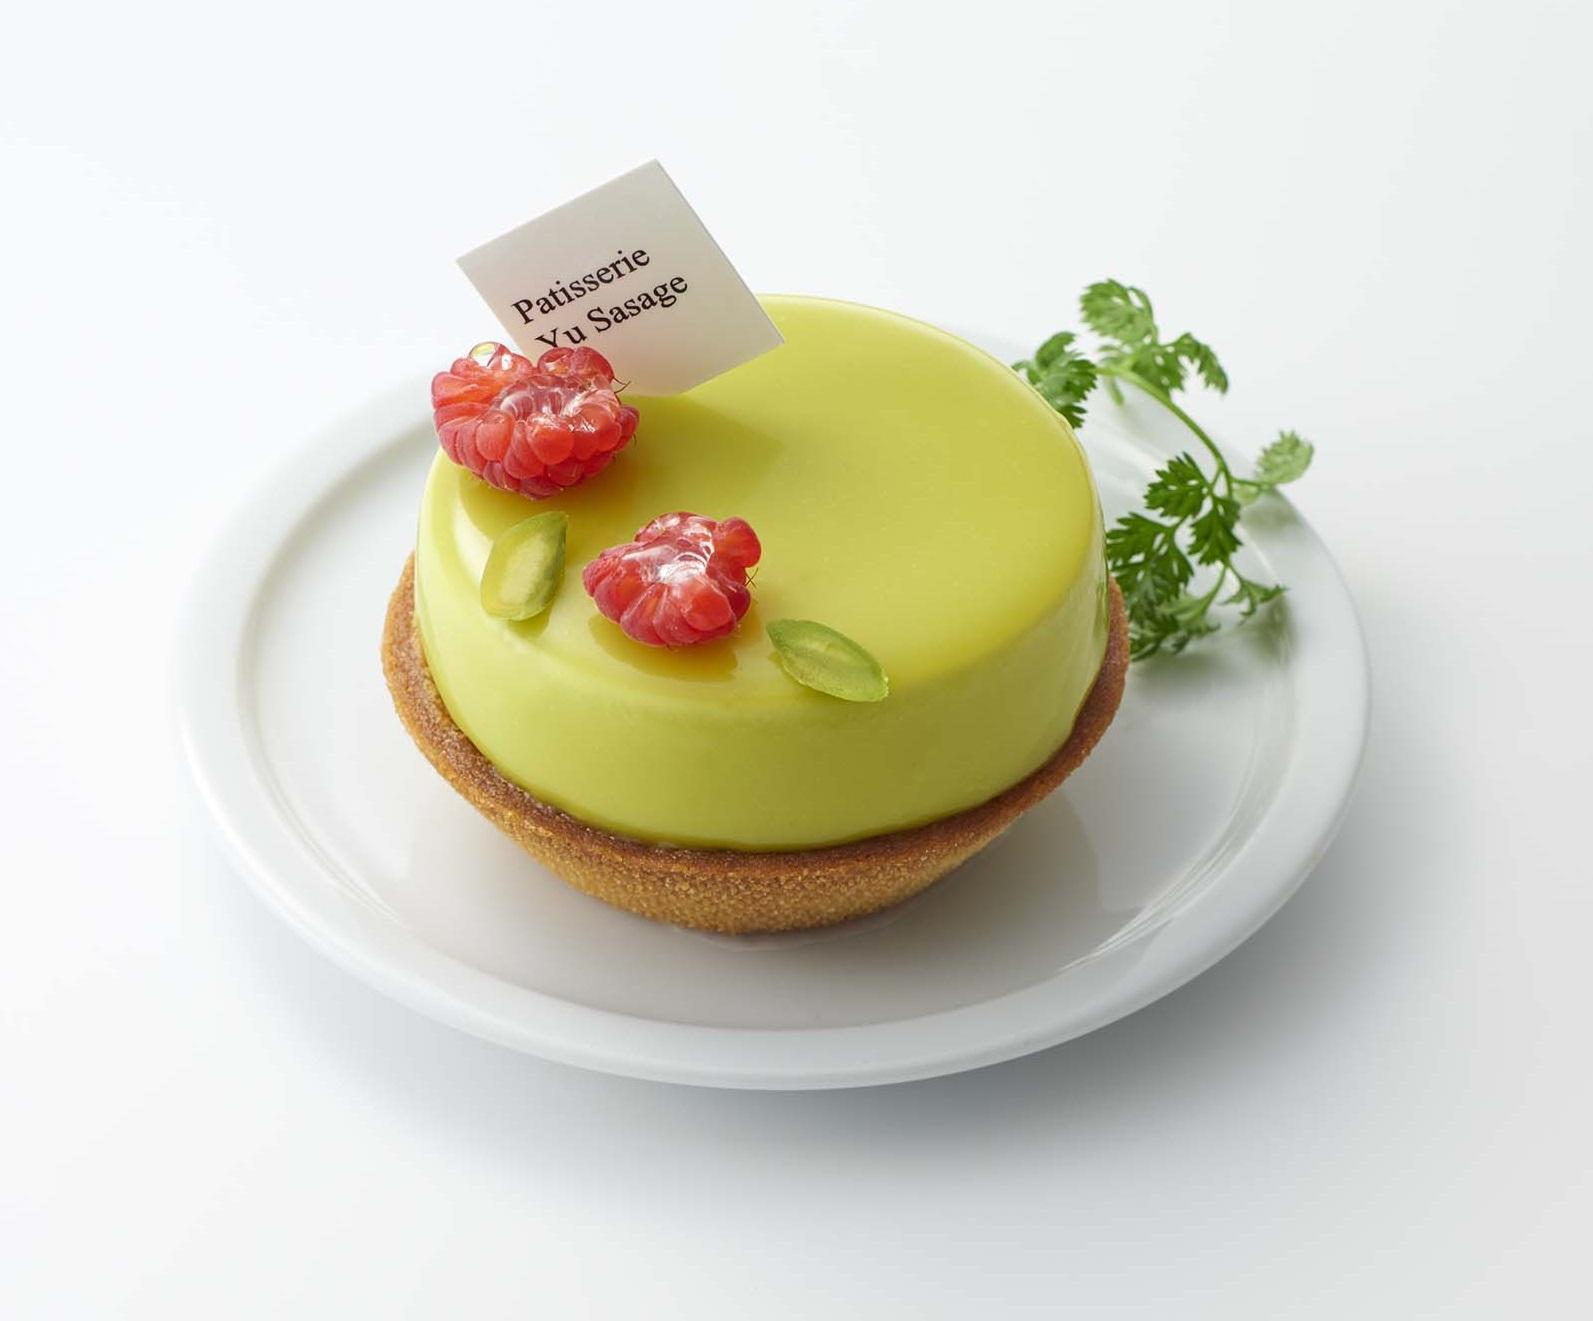 小田急新宿 に「パティスリー ユウ ササゲ」 5/26 オープン フランス菓子を中心とした季節感あふれるお菓子を楽しめる